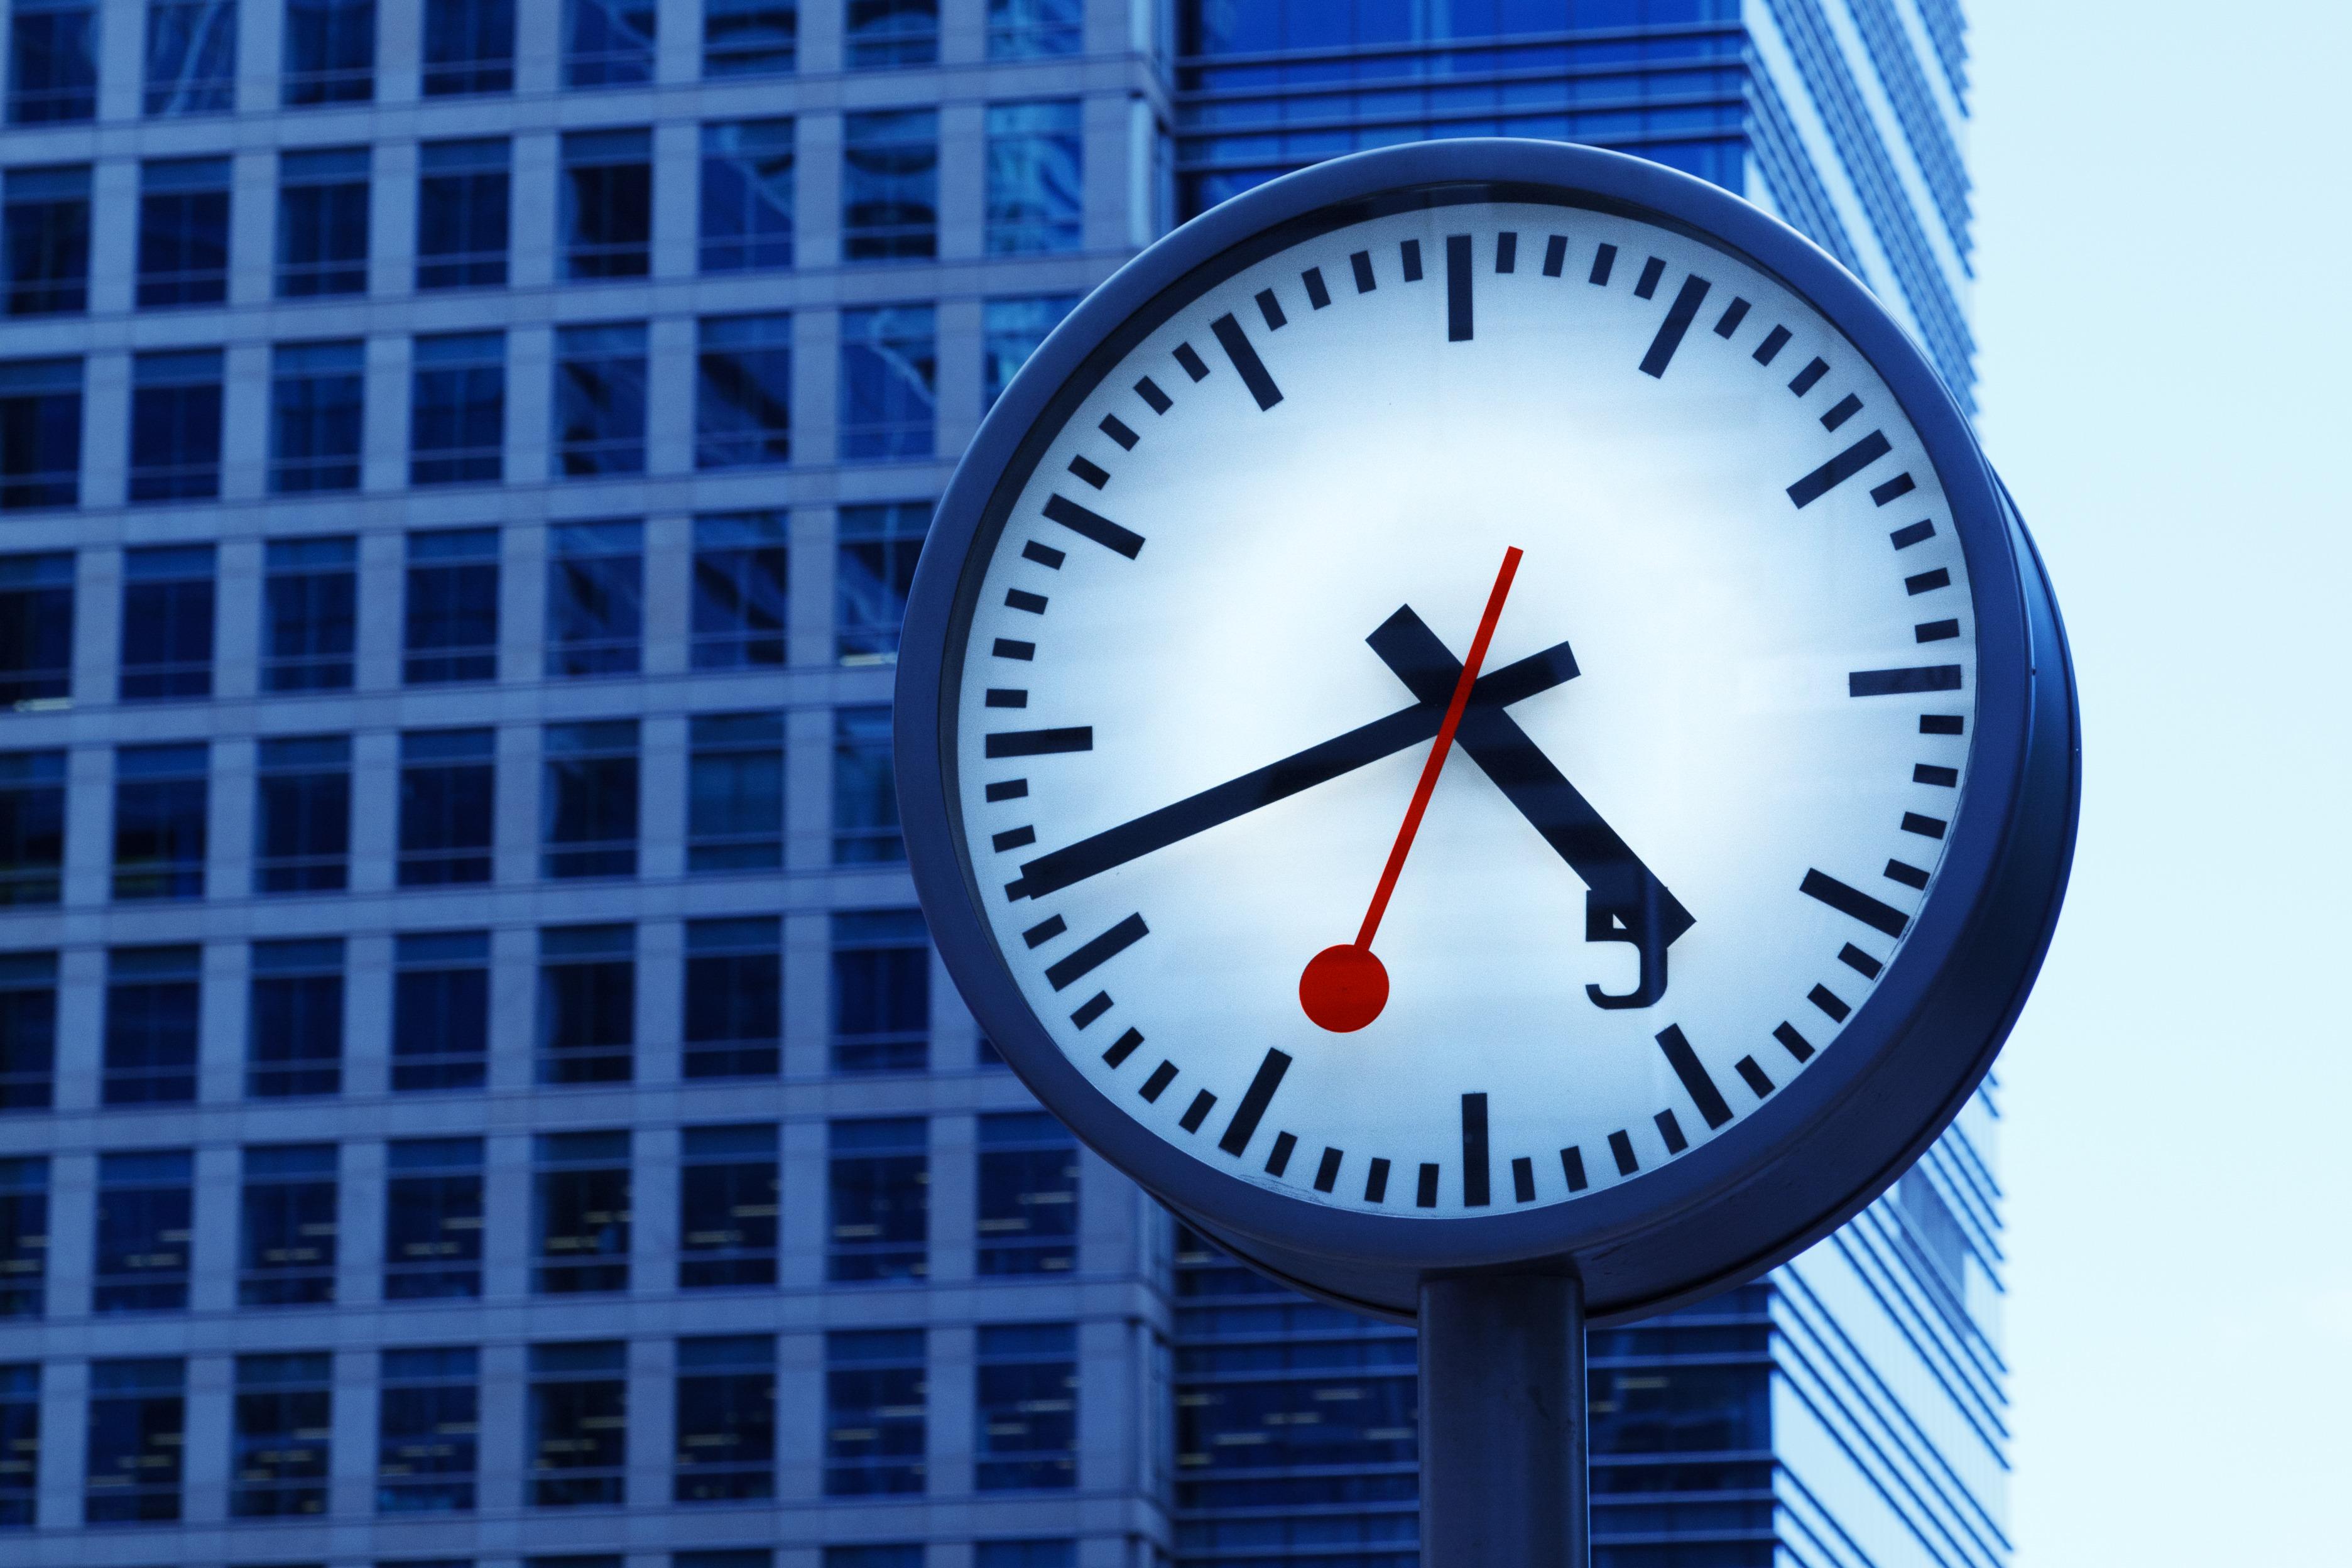 El responsive design permite disminuir los tiempos de desarrollo.